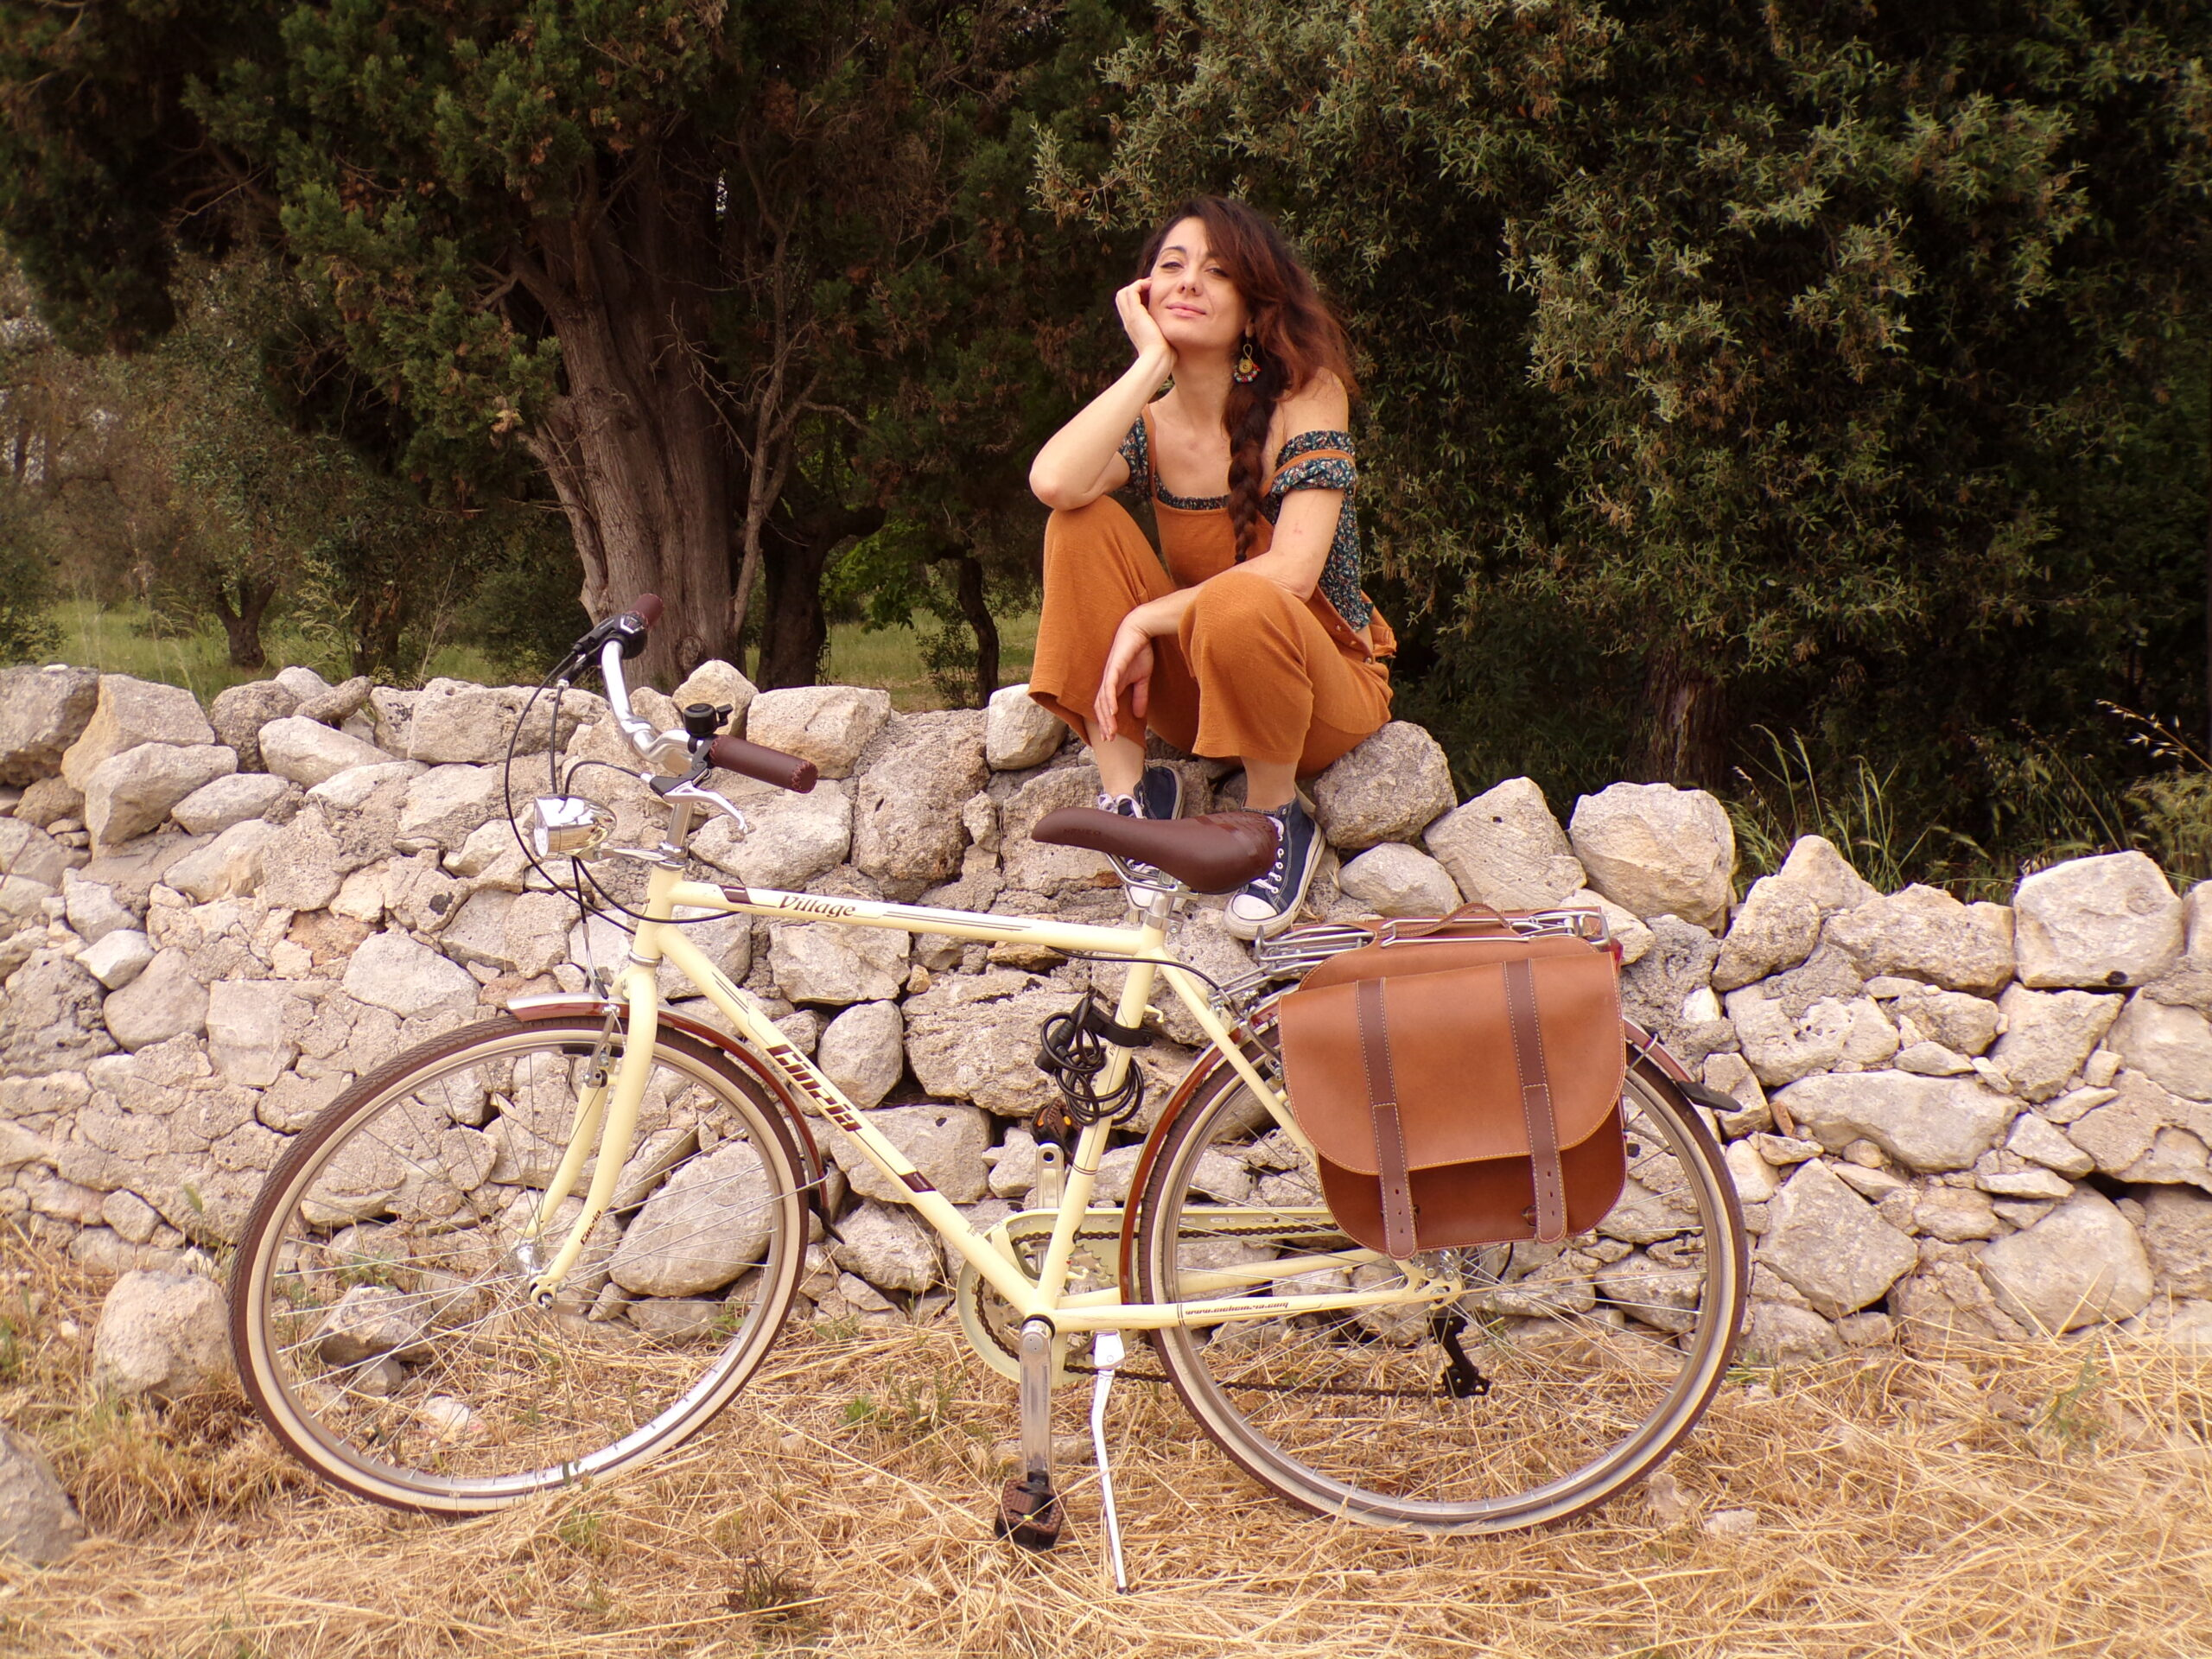 Viaggi in bici in Italia: i migliori itinerari e le regioni bike friendly